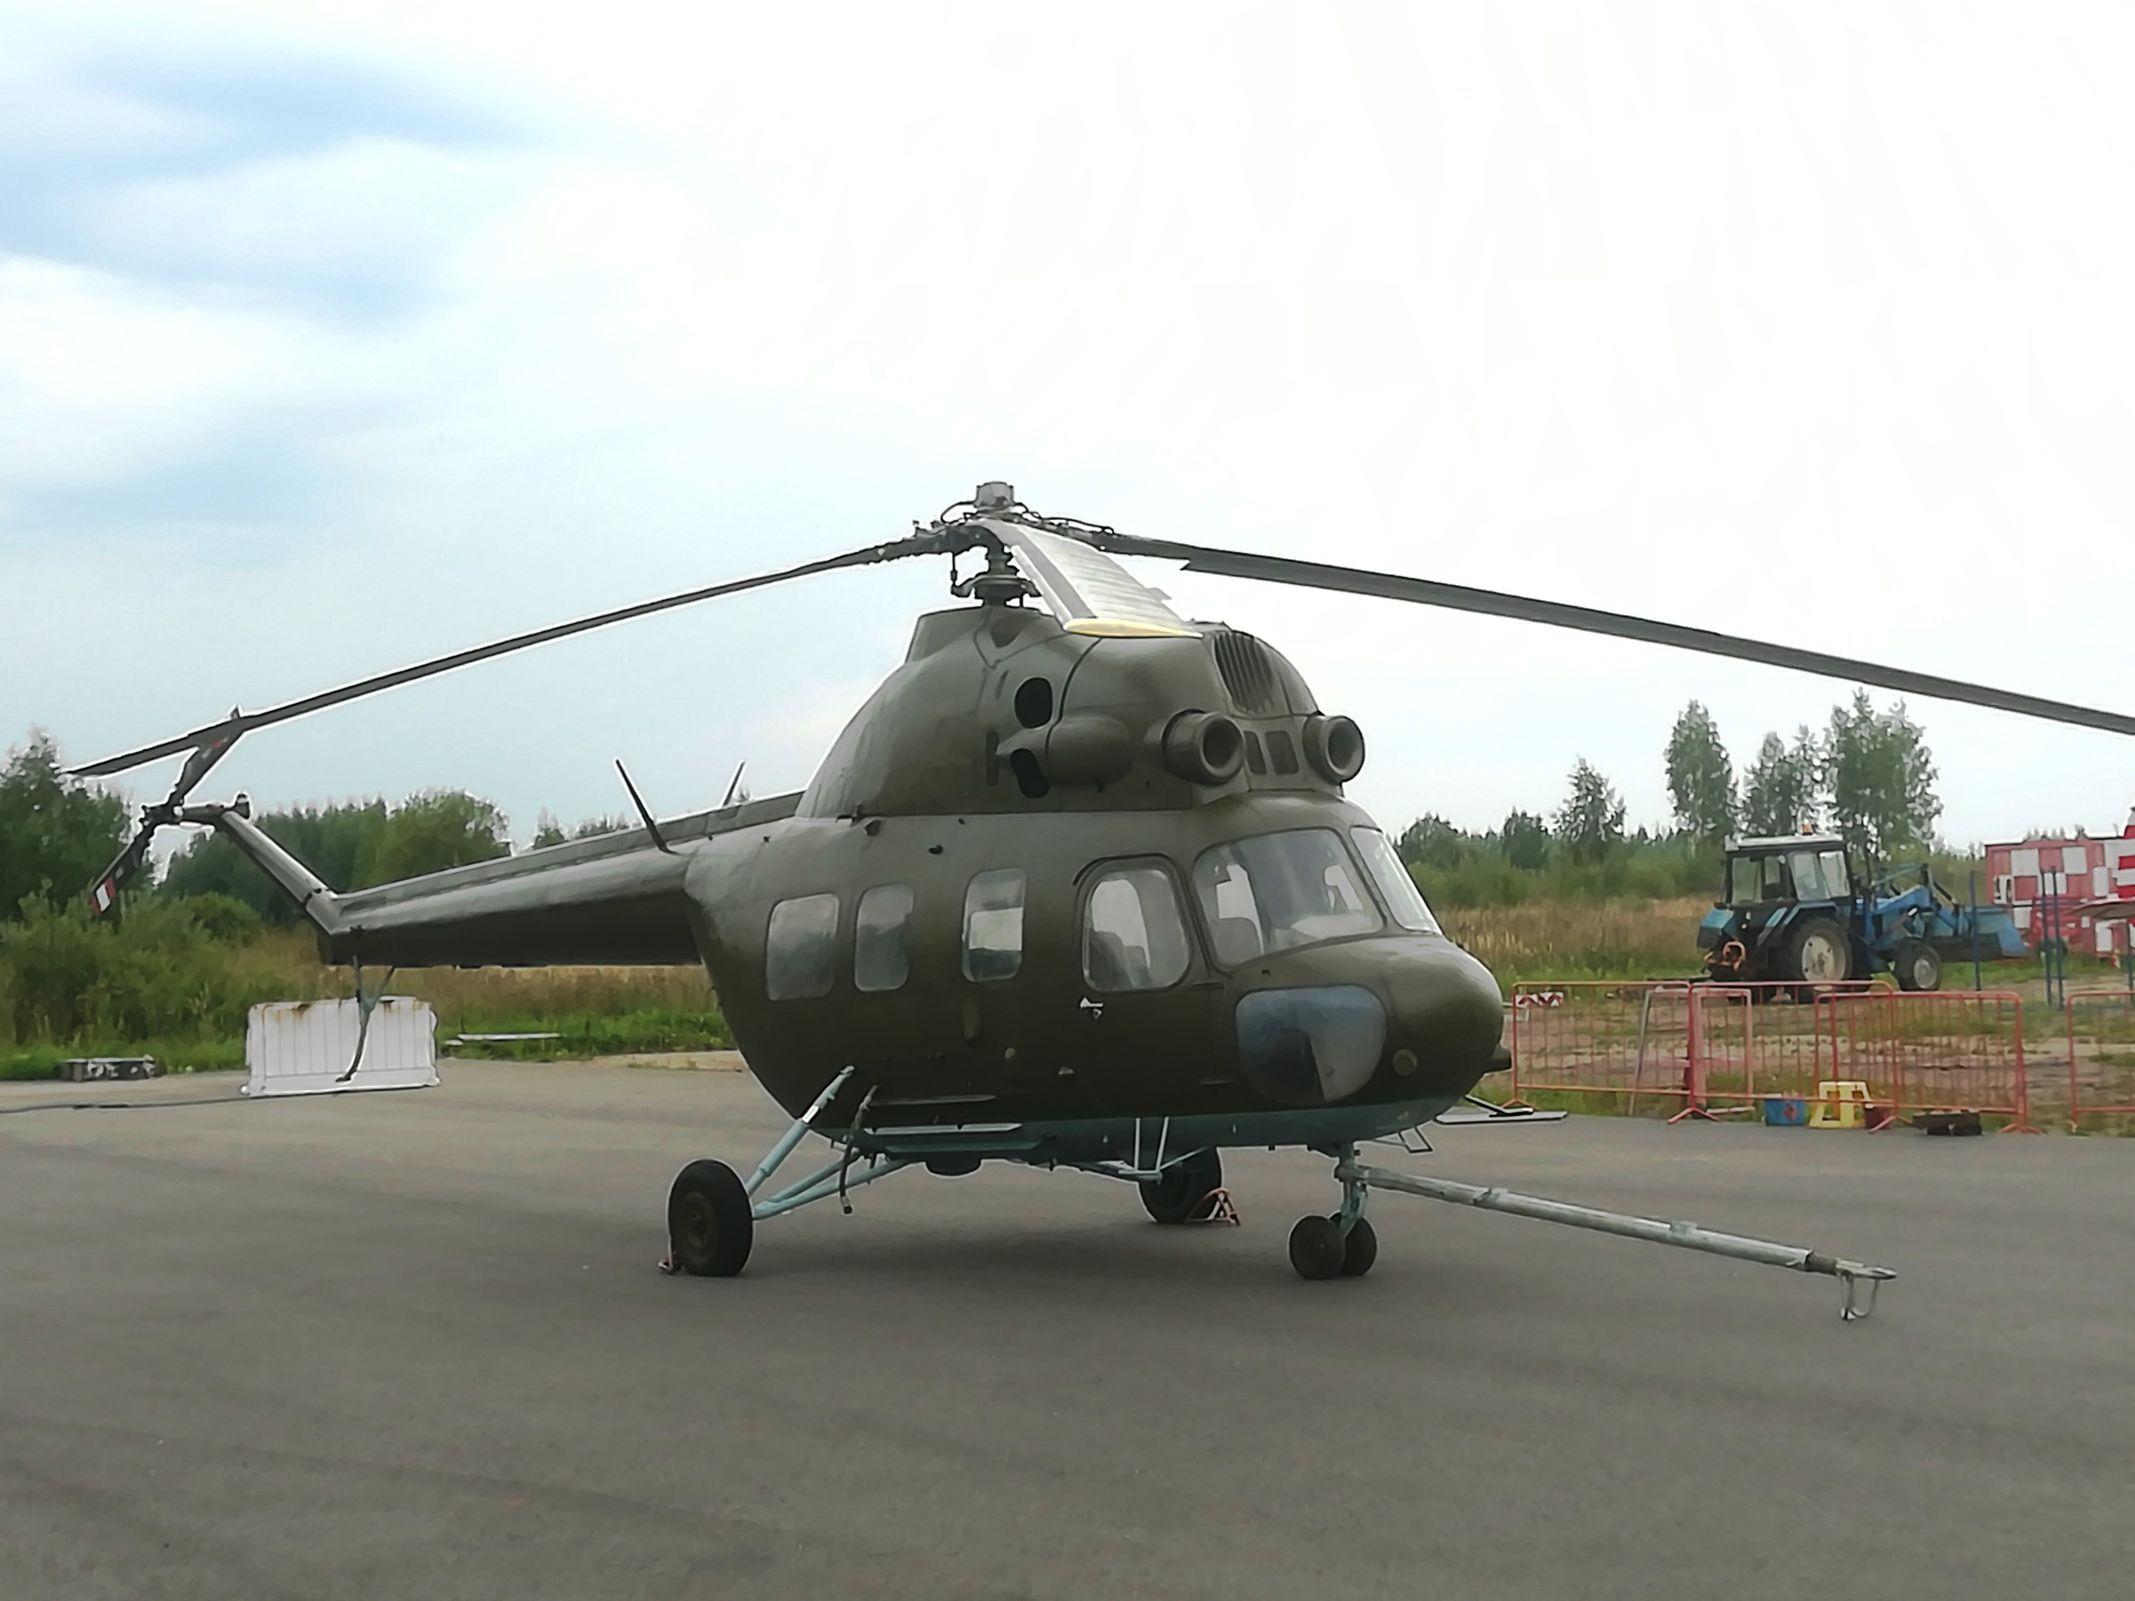 На территории аэродрома под Ярославлем появился уникальный экспонат – вертолет Ми-2